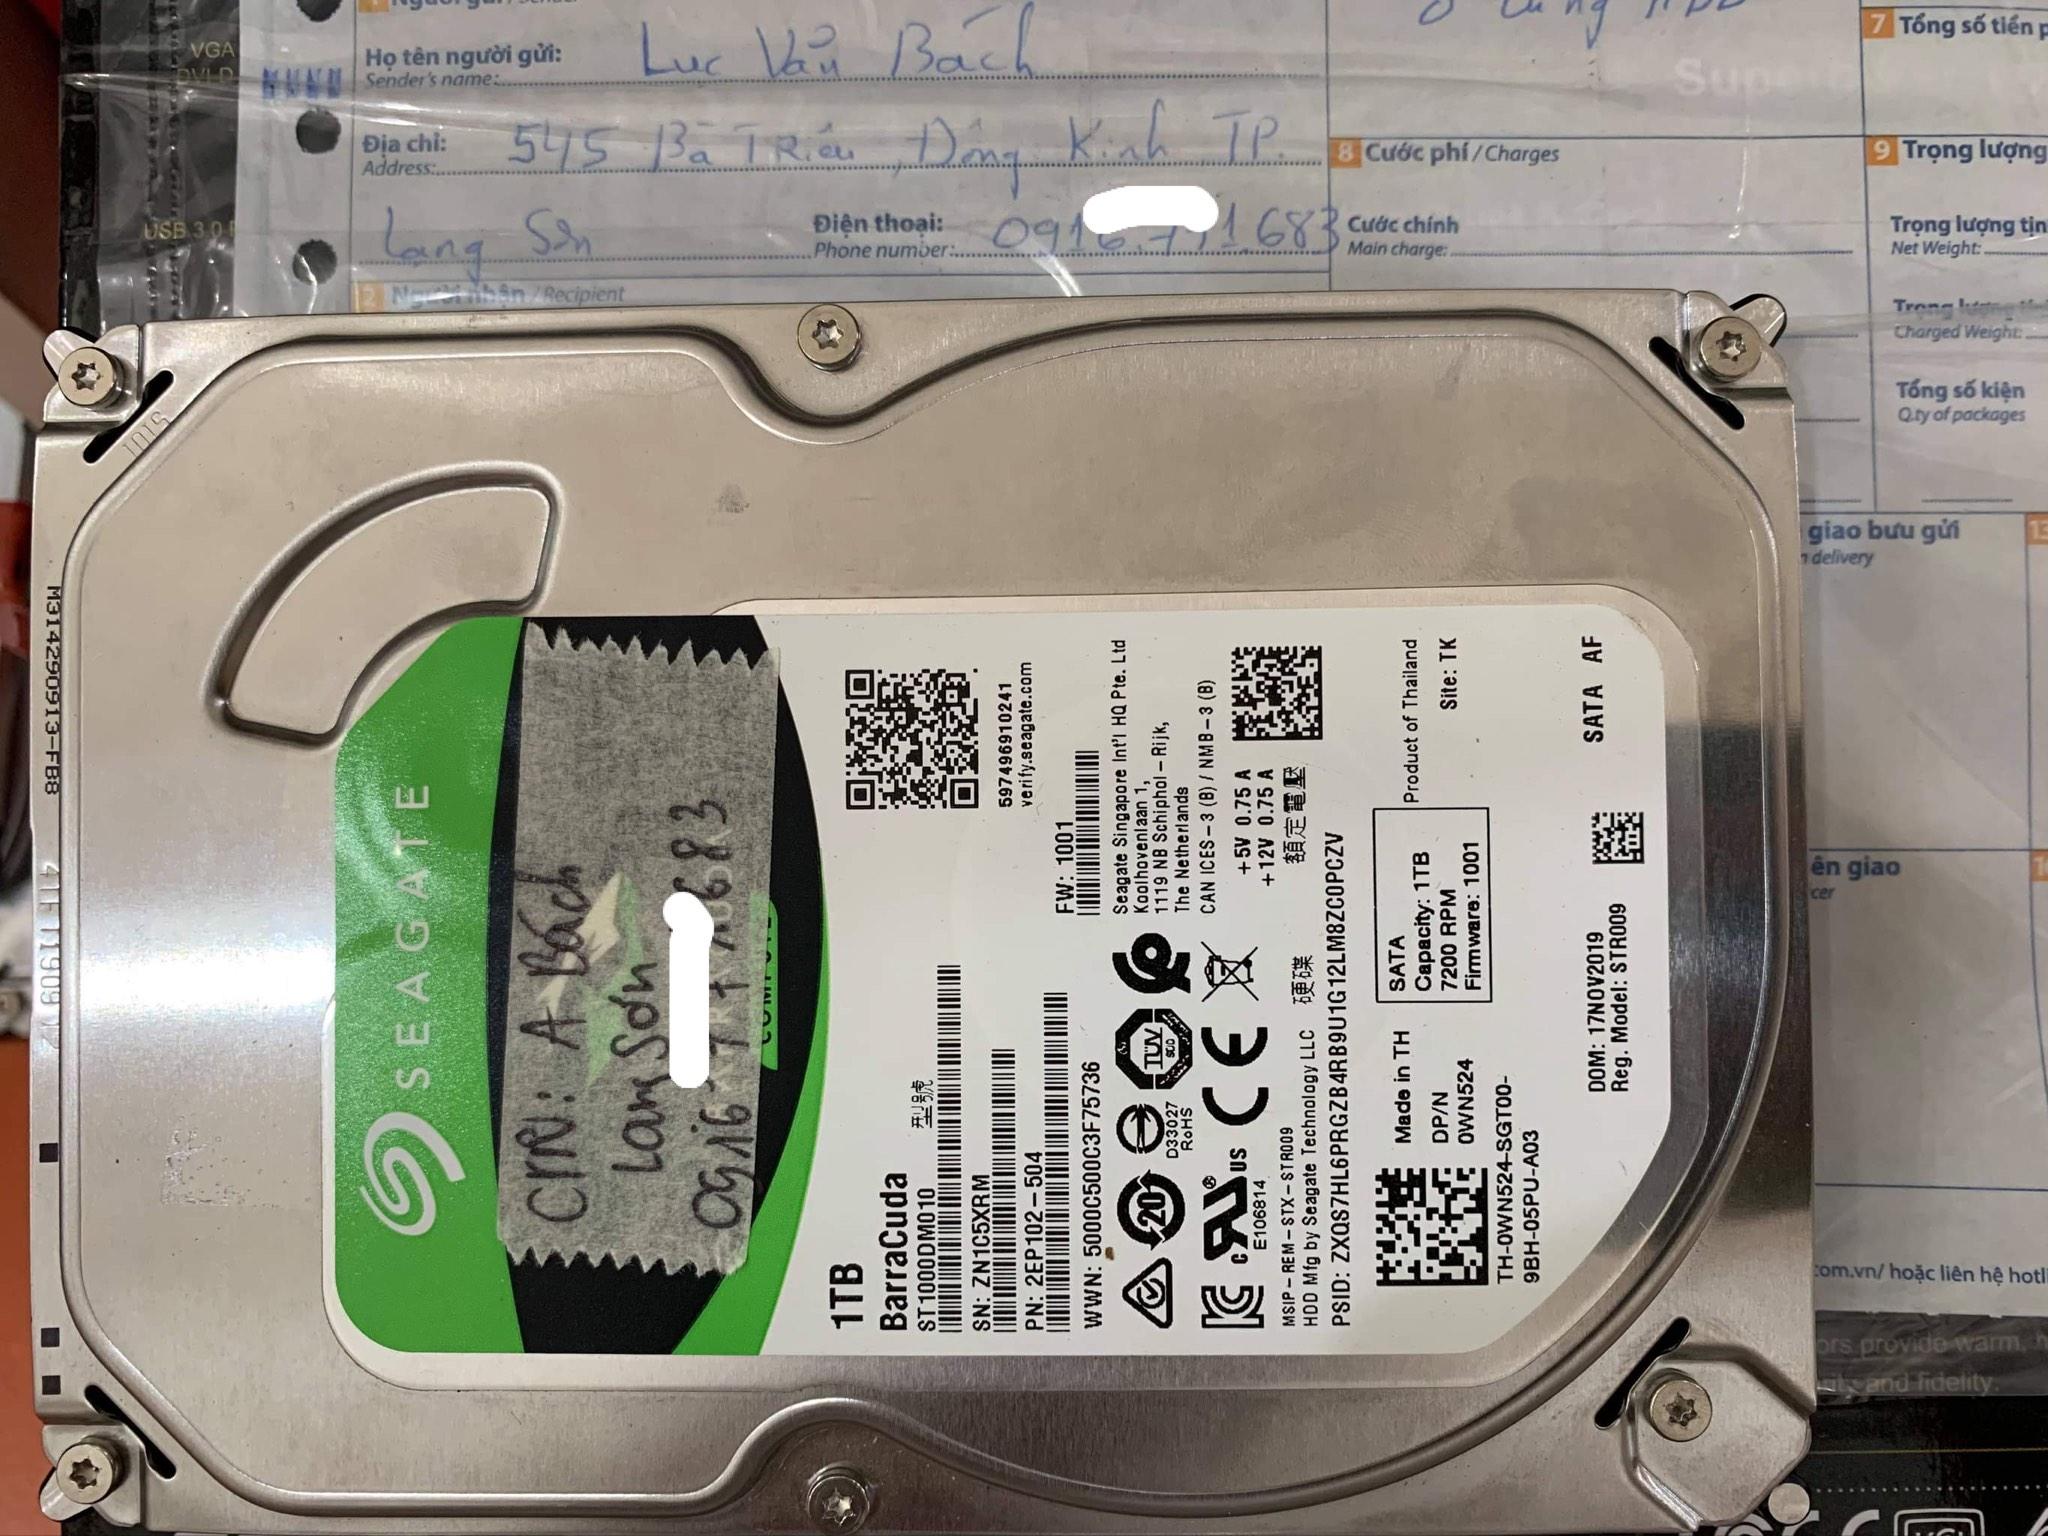 Lấy dữ liệu ổ cứng Seagate 1TB bad tại Lạng Sơn - 17/05/2021